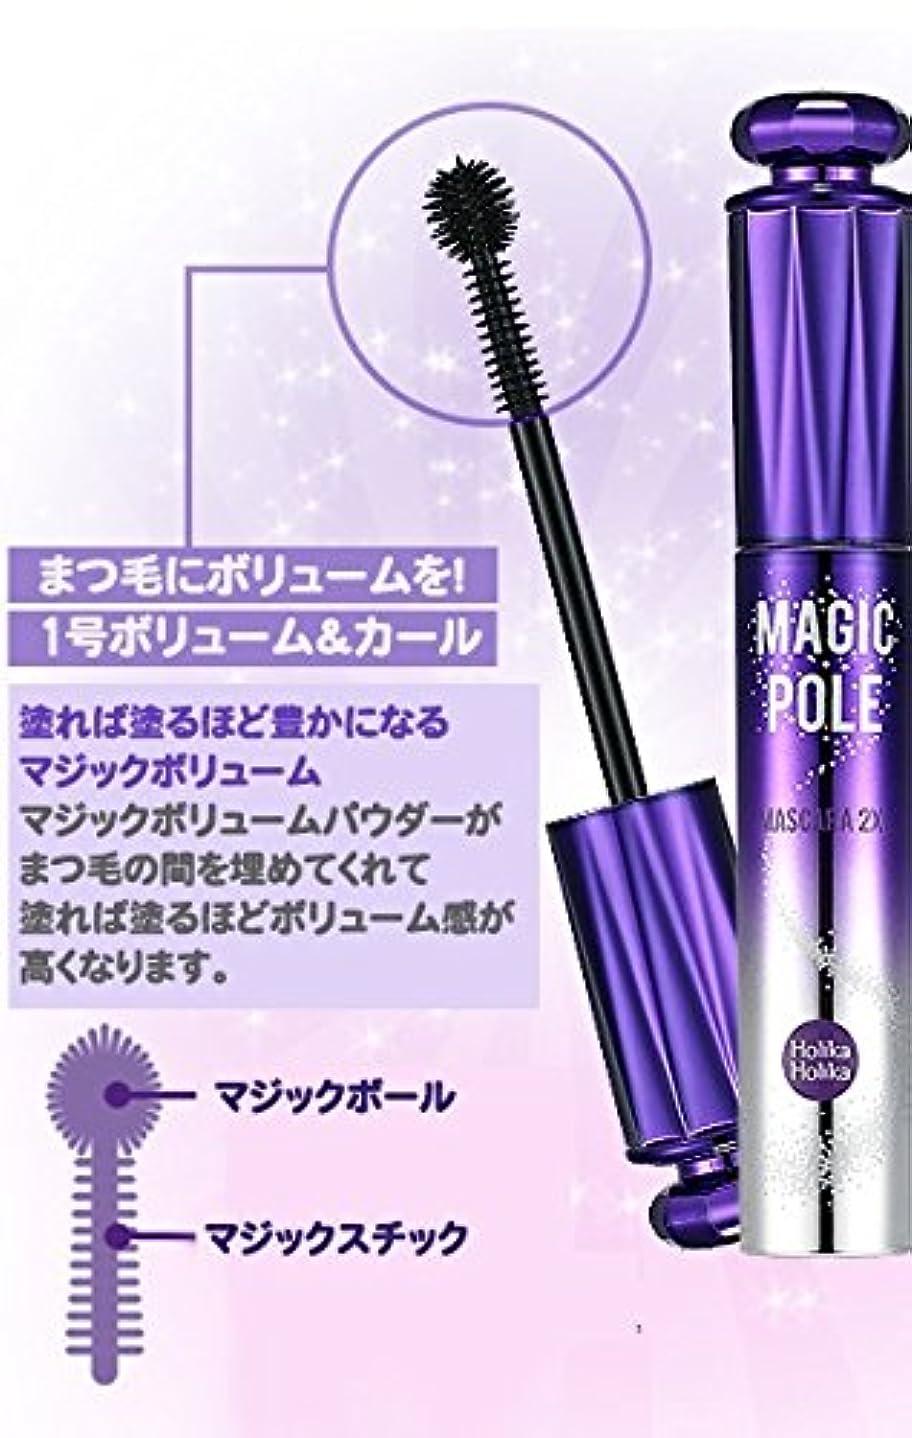 牧草地共和党調整するHolika Holika ホリカホリカ マジックポールマスカラ 2X 4類 (Magic Pole Mascara 2X) 海外直送品 (1号 ボリューム&カール)